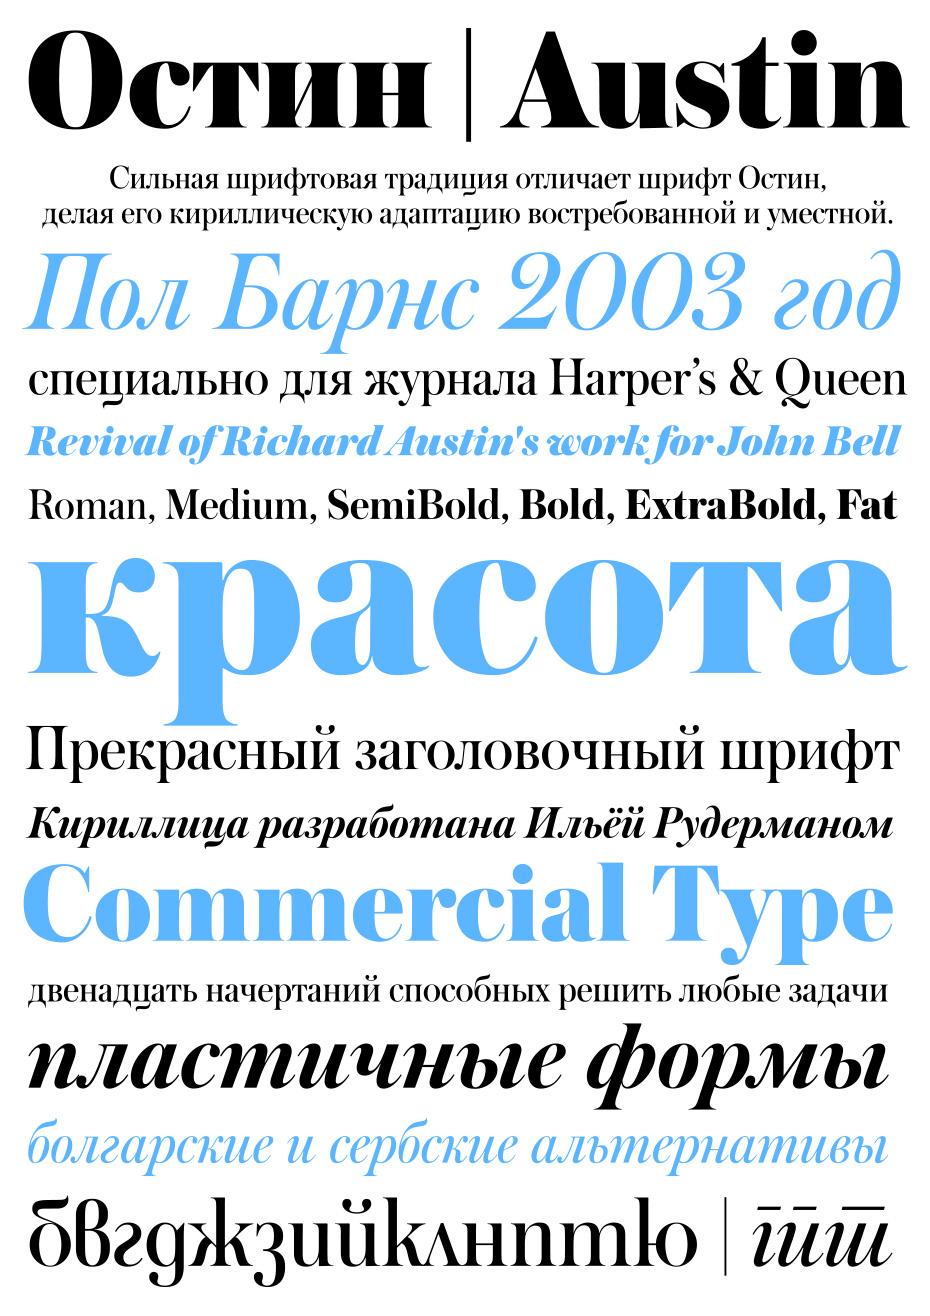 Шрифты в модном журнале